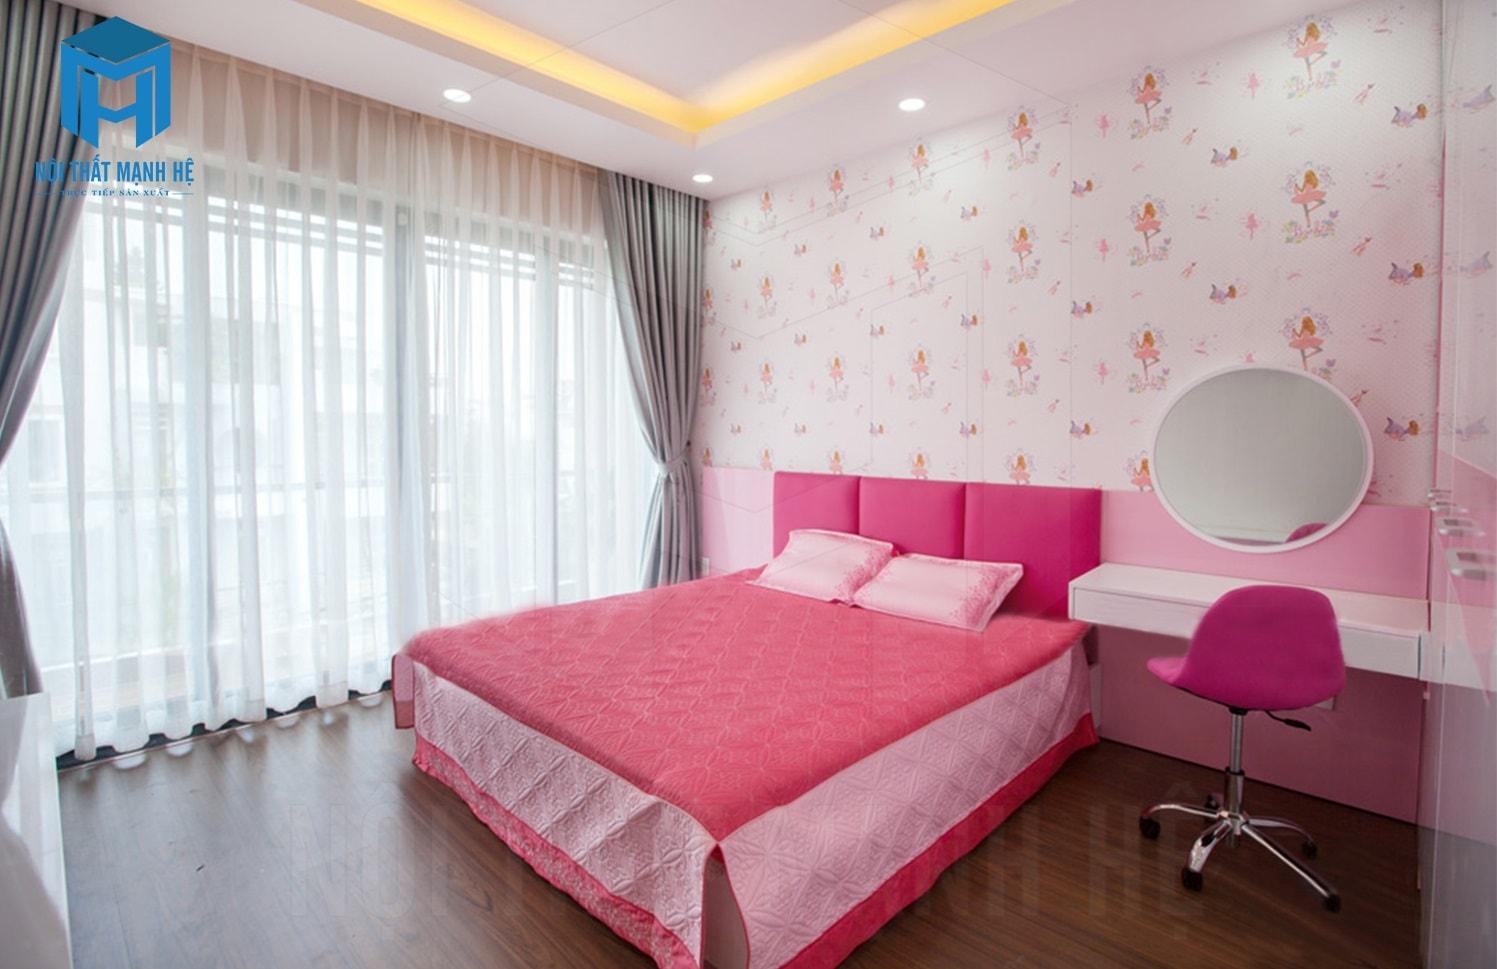 nội thất phòng ngủ màu hồng cho bé